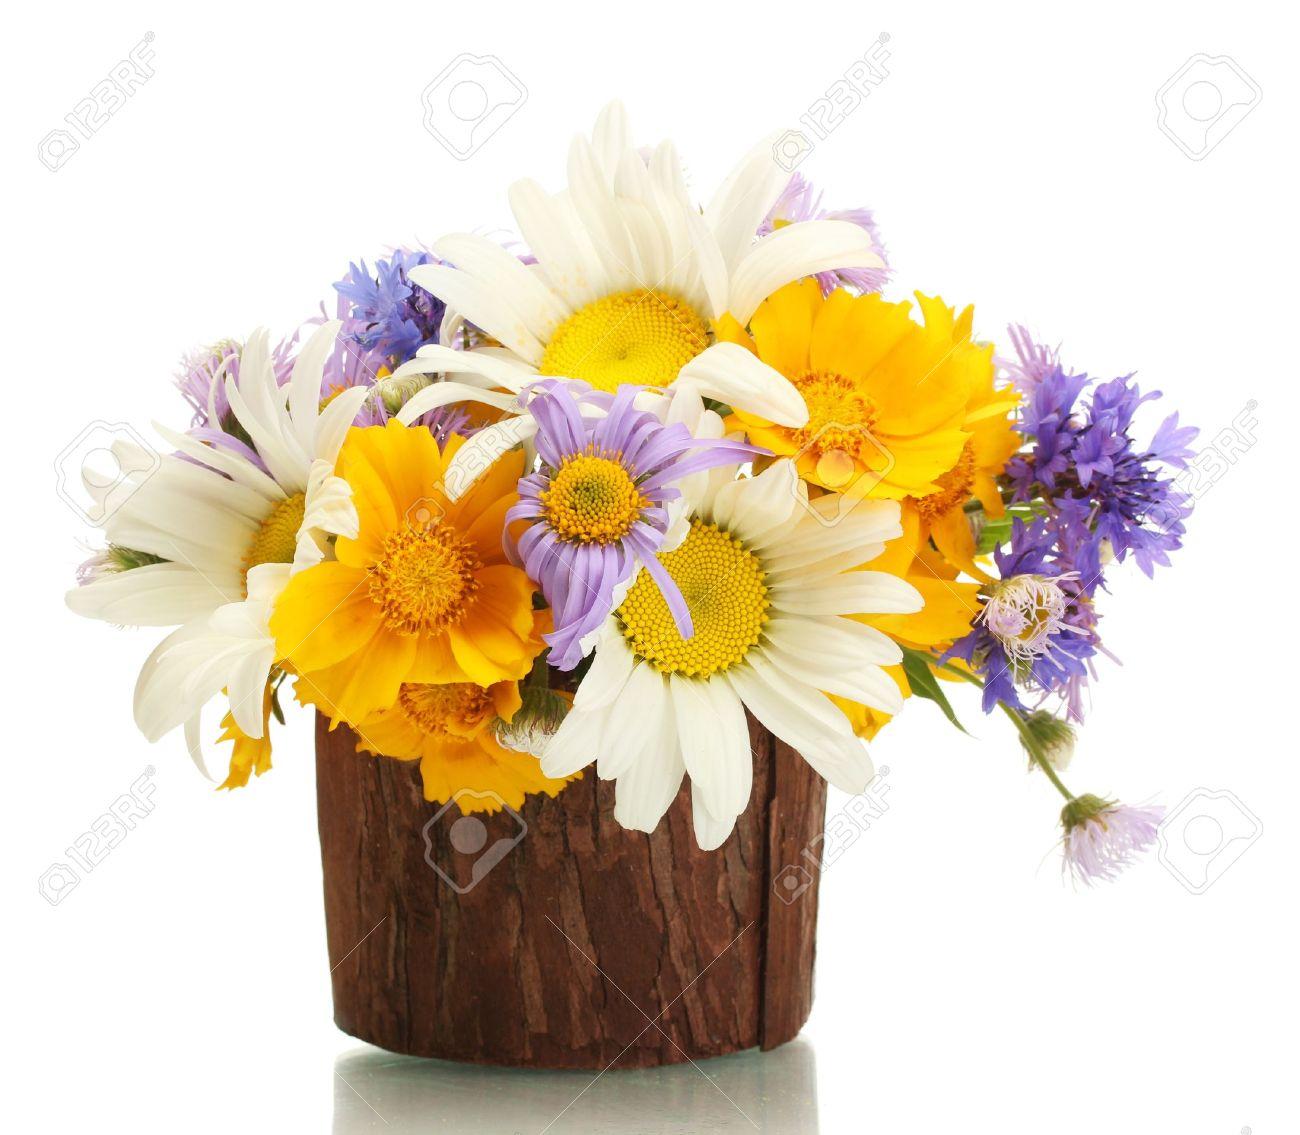 beau bouquet de fleurs lumineux en pot de fleurs en bois, isolé sur blanc  Banque